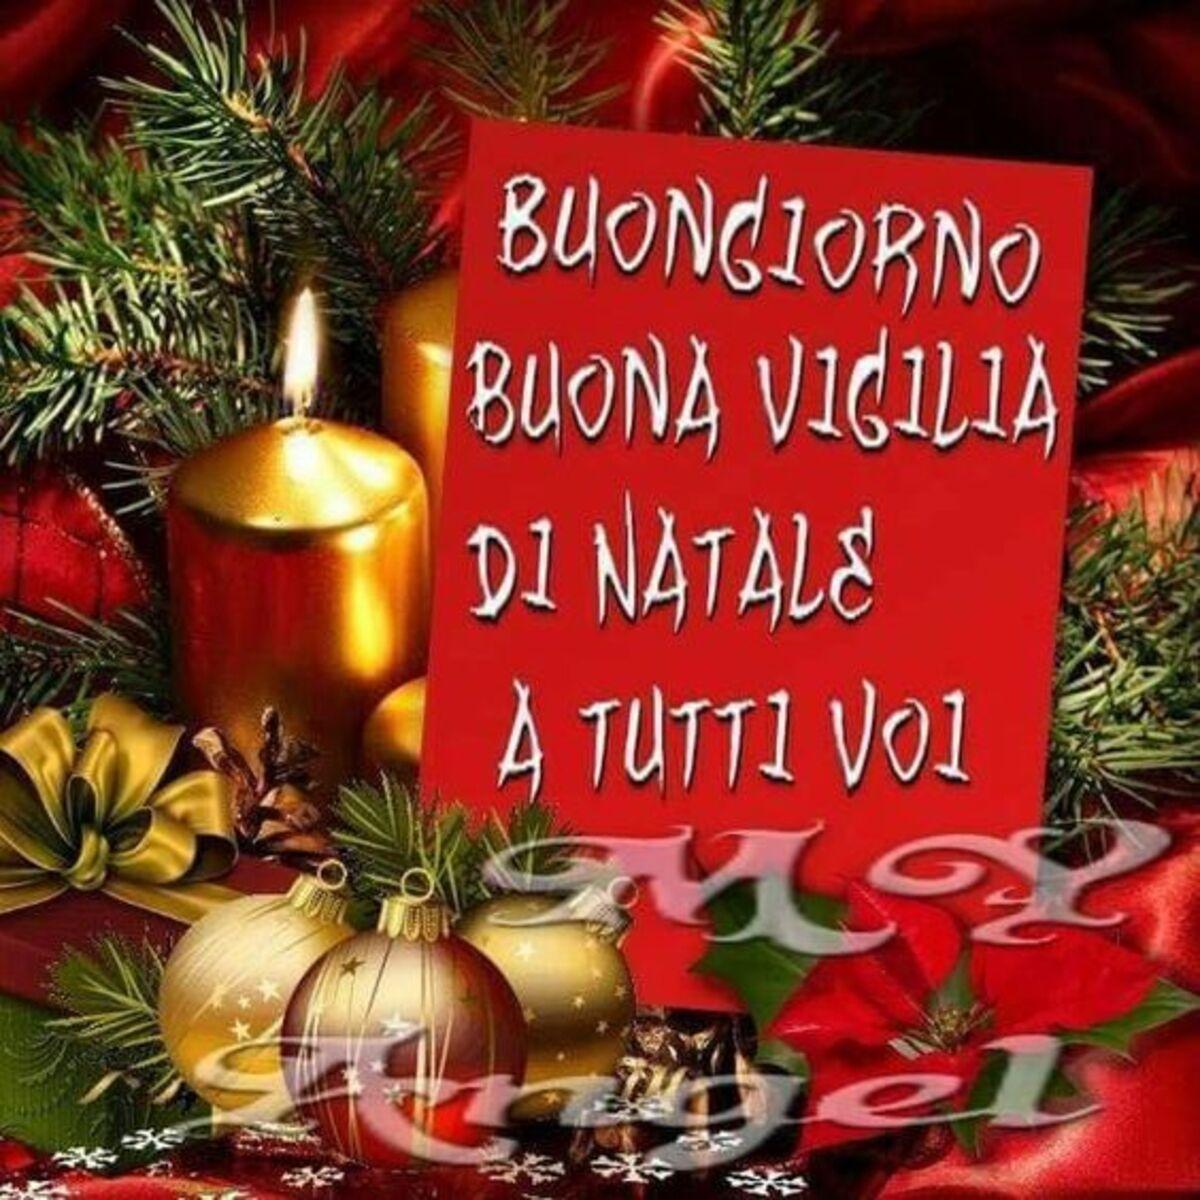 Buongiorno Buona Vigilia di Natale a tutti voi